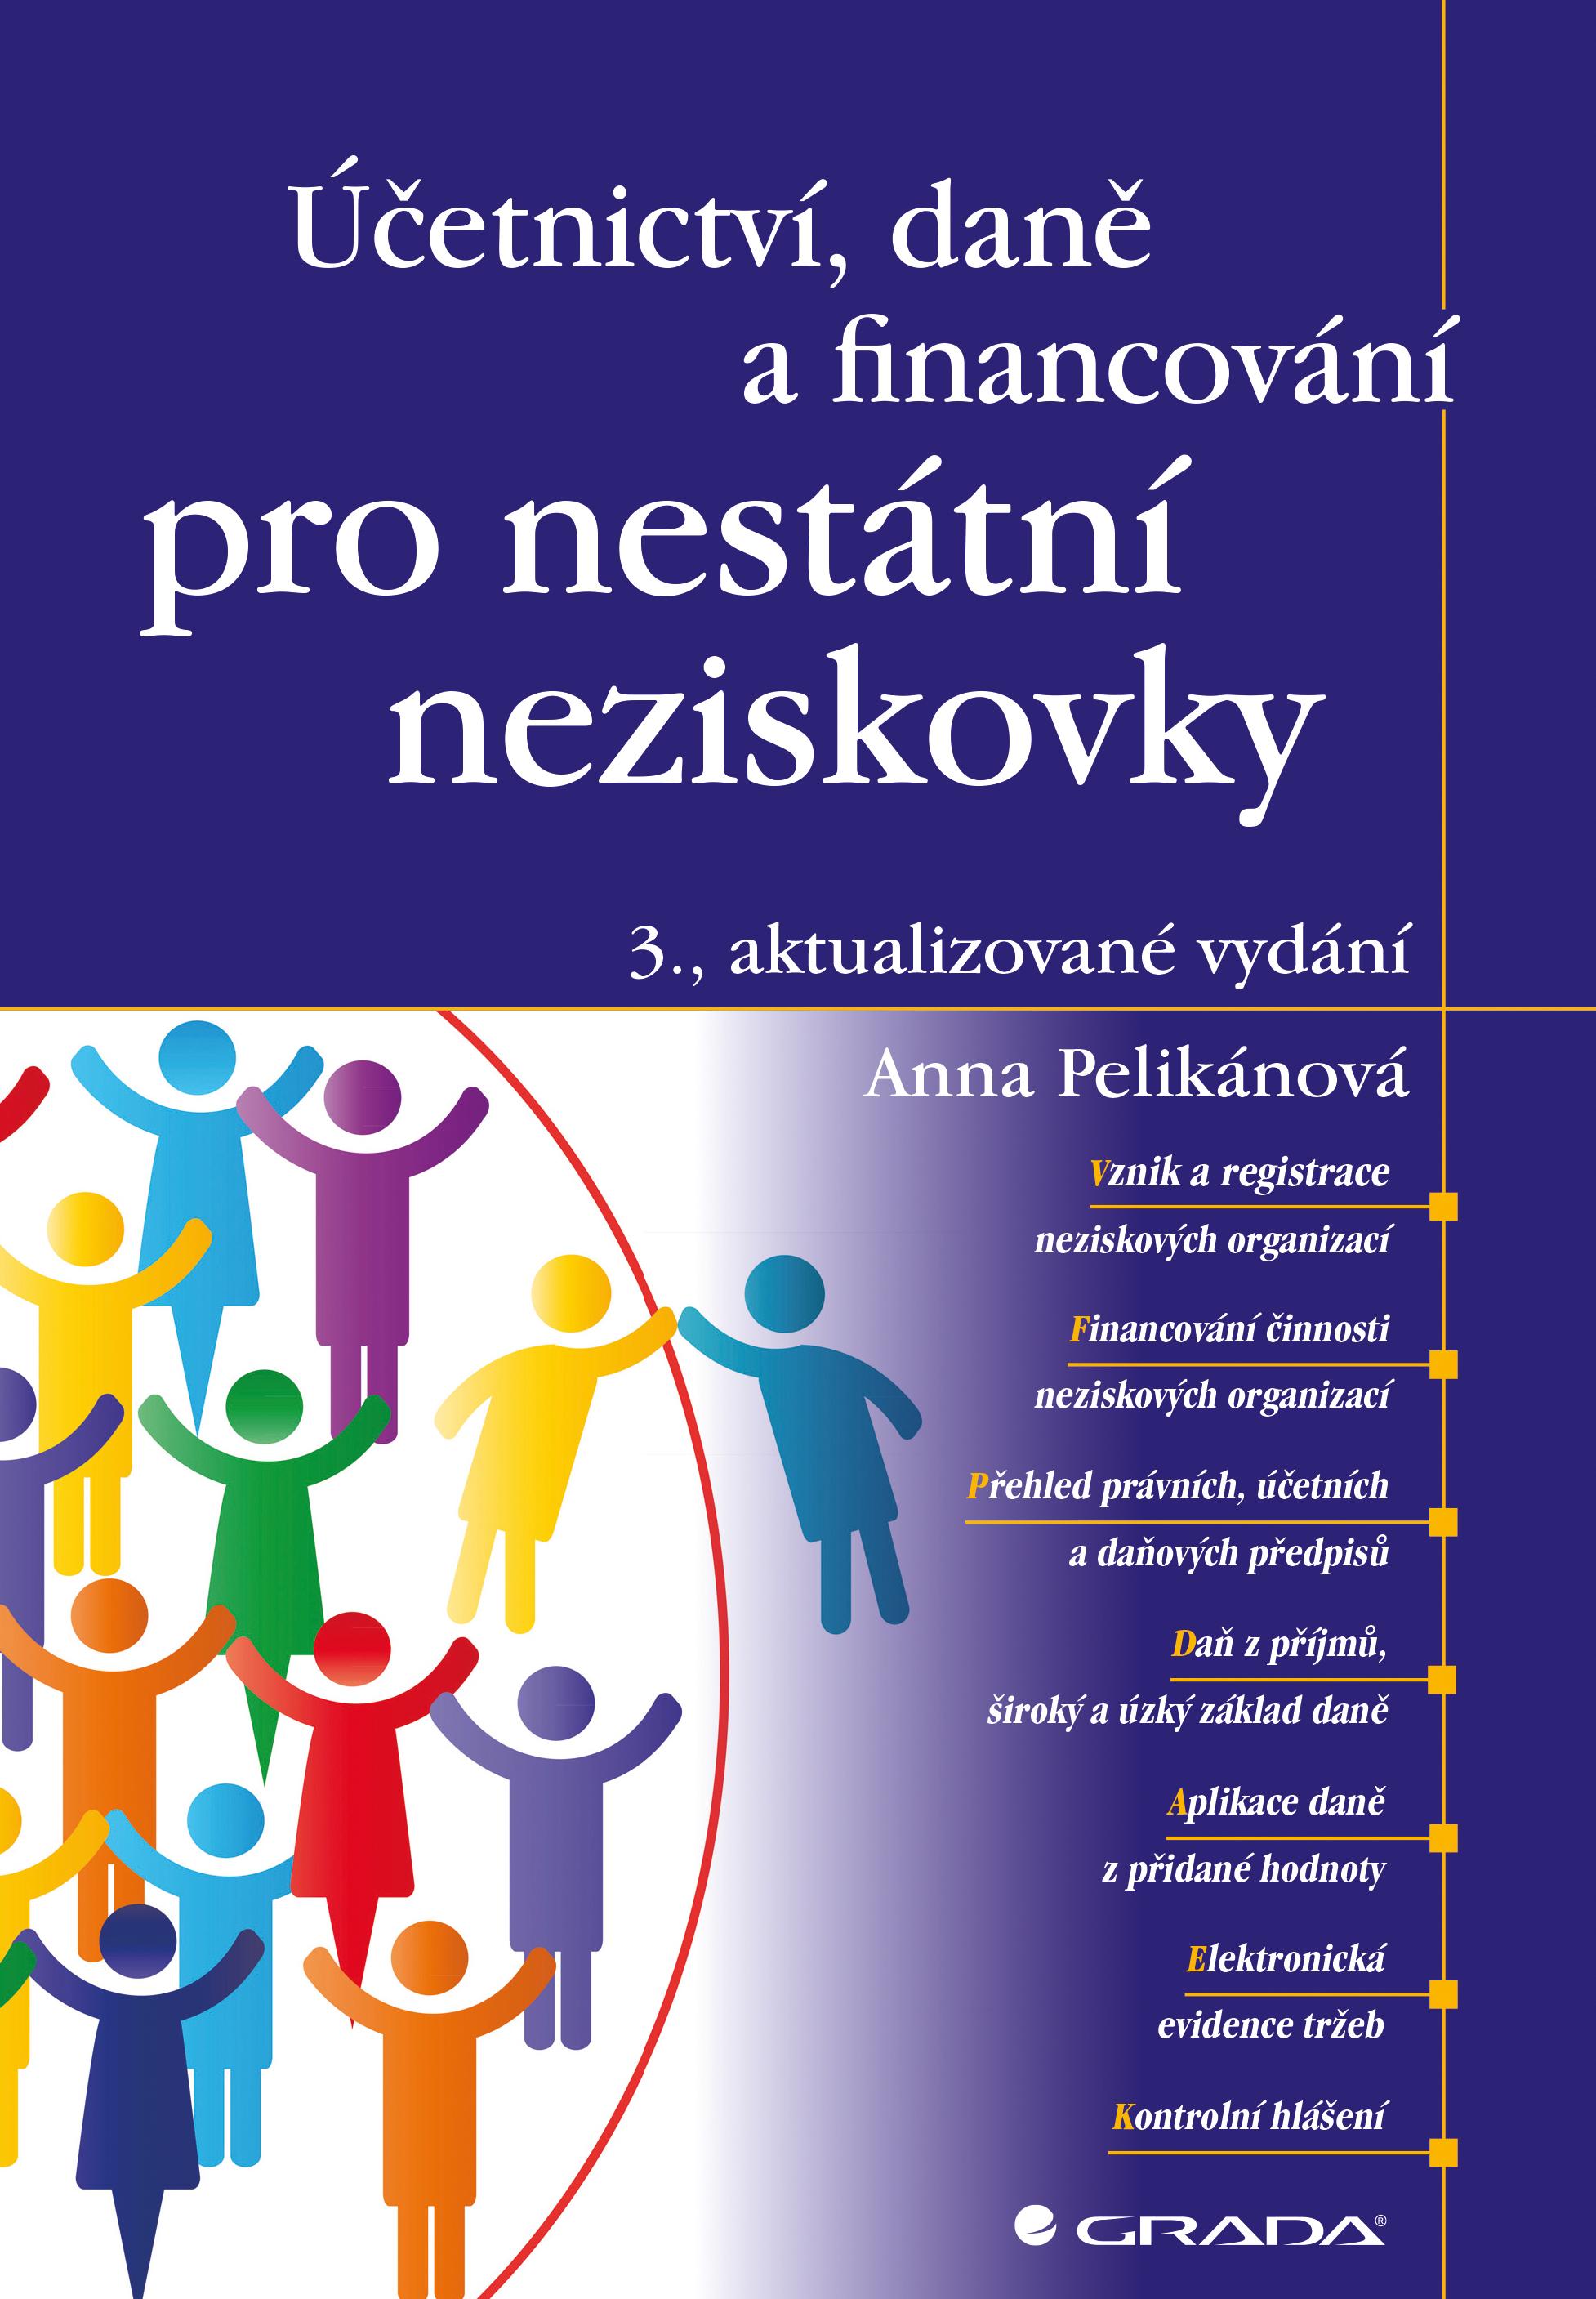 Účetnictví, daně a financování pro nestátní neziskovky, 3., aktualizované vydání